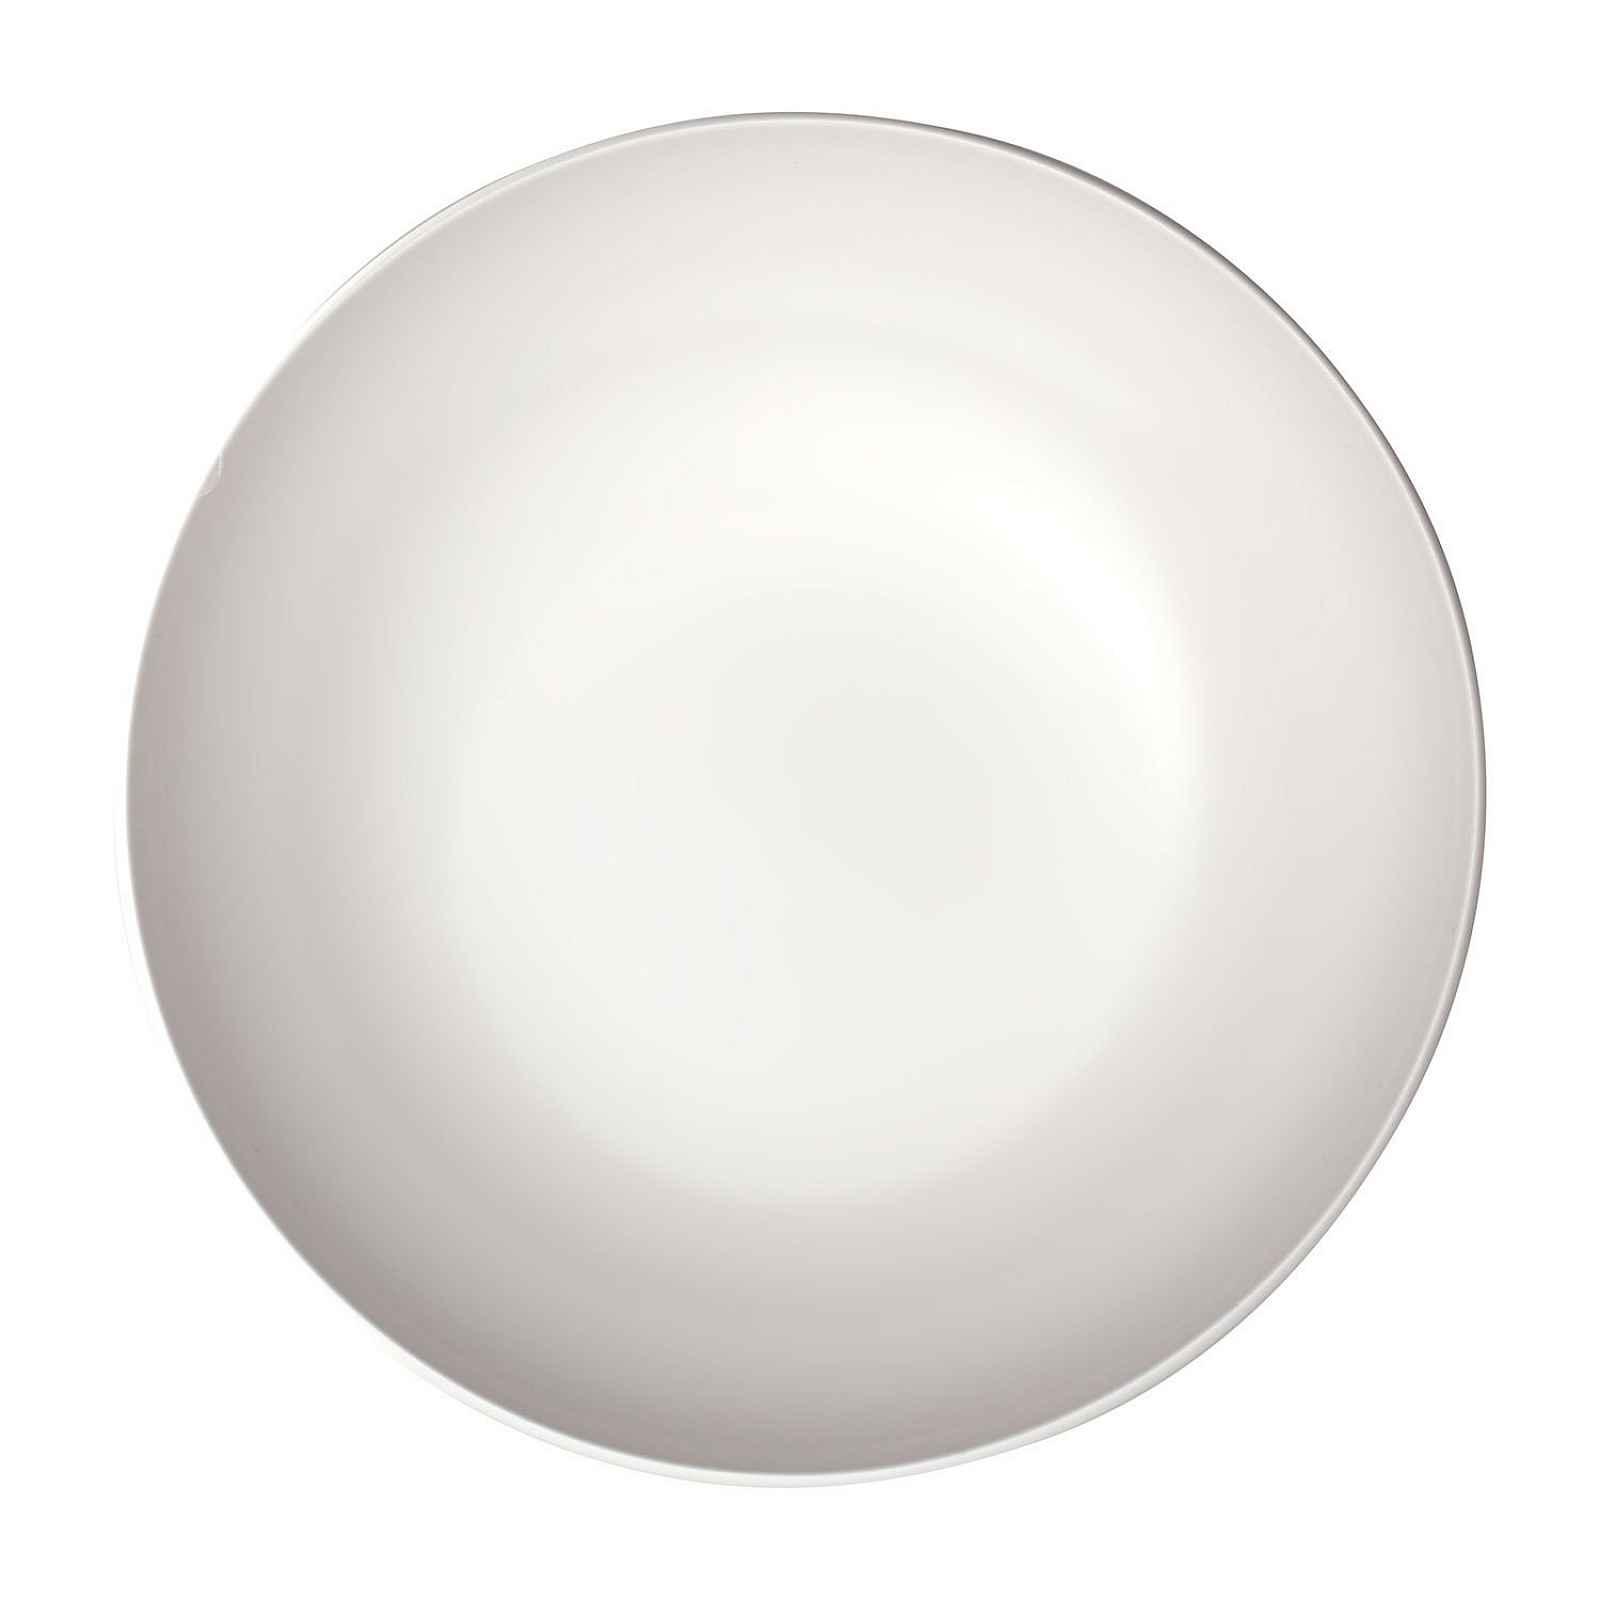 Servírovací bílá porcelánová miska Villeroy & Boch Uni, ⌀ 26 cm